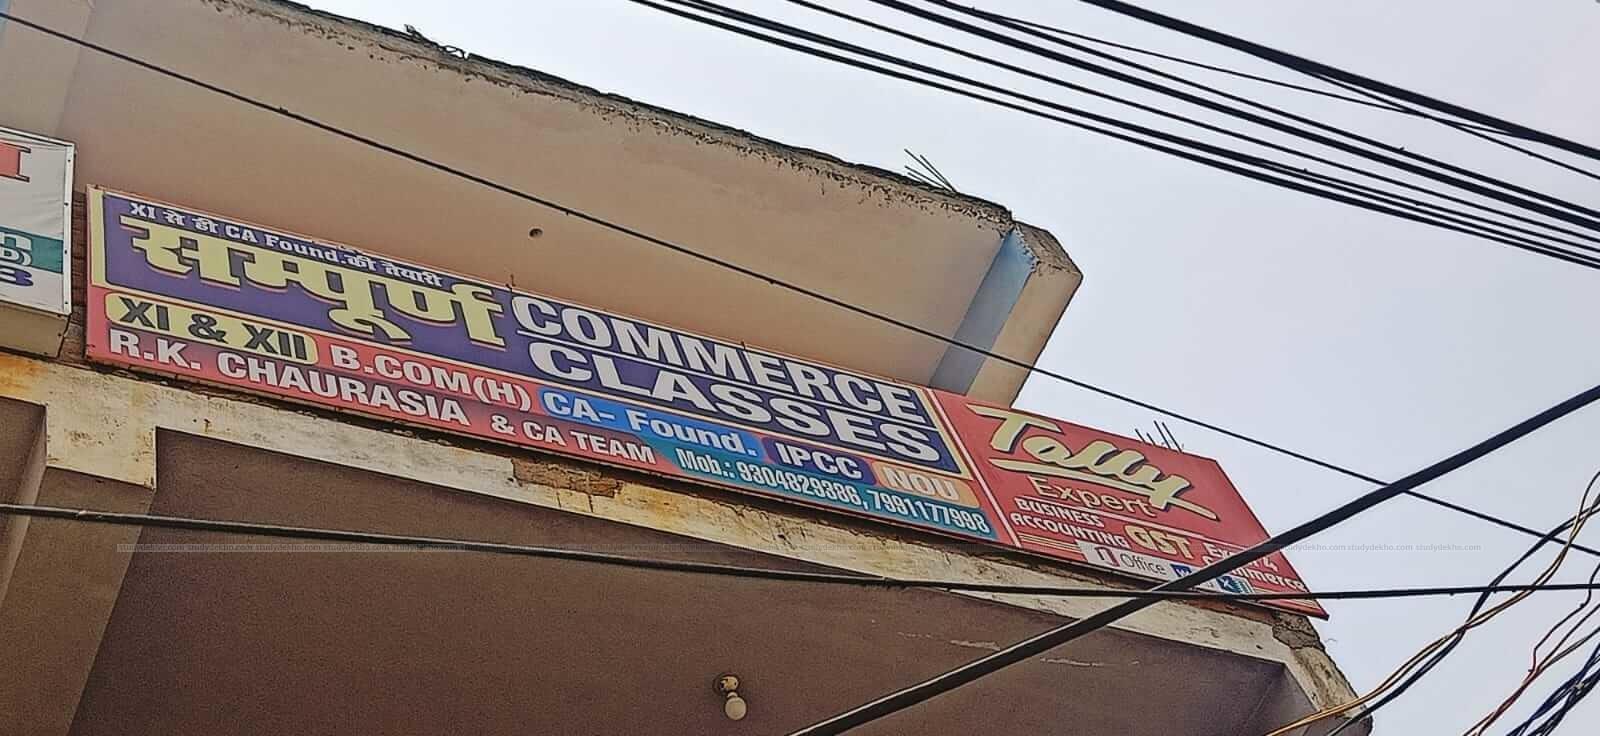 Sampurn Commerce classes Logo